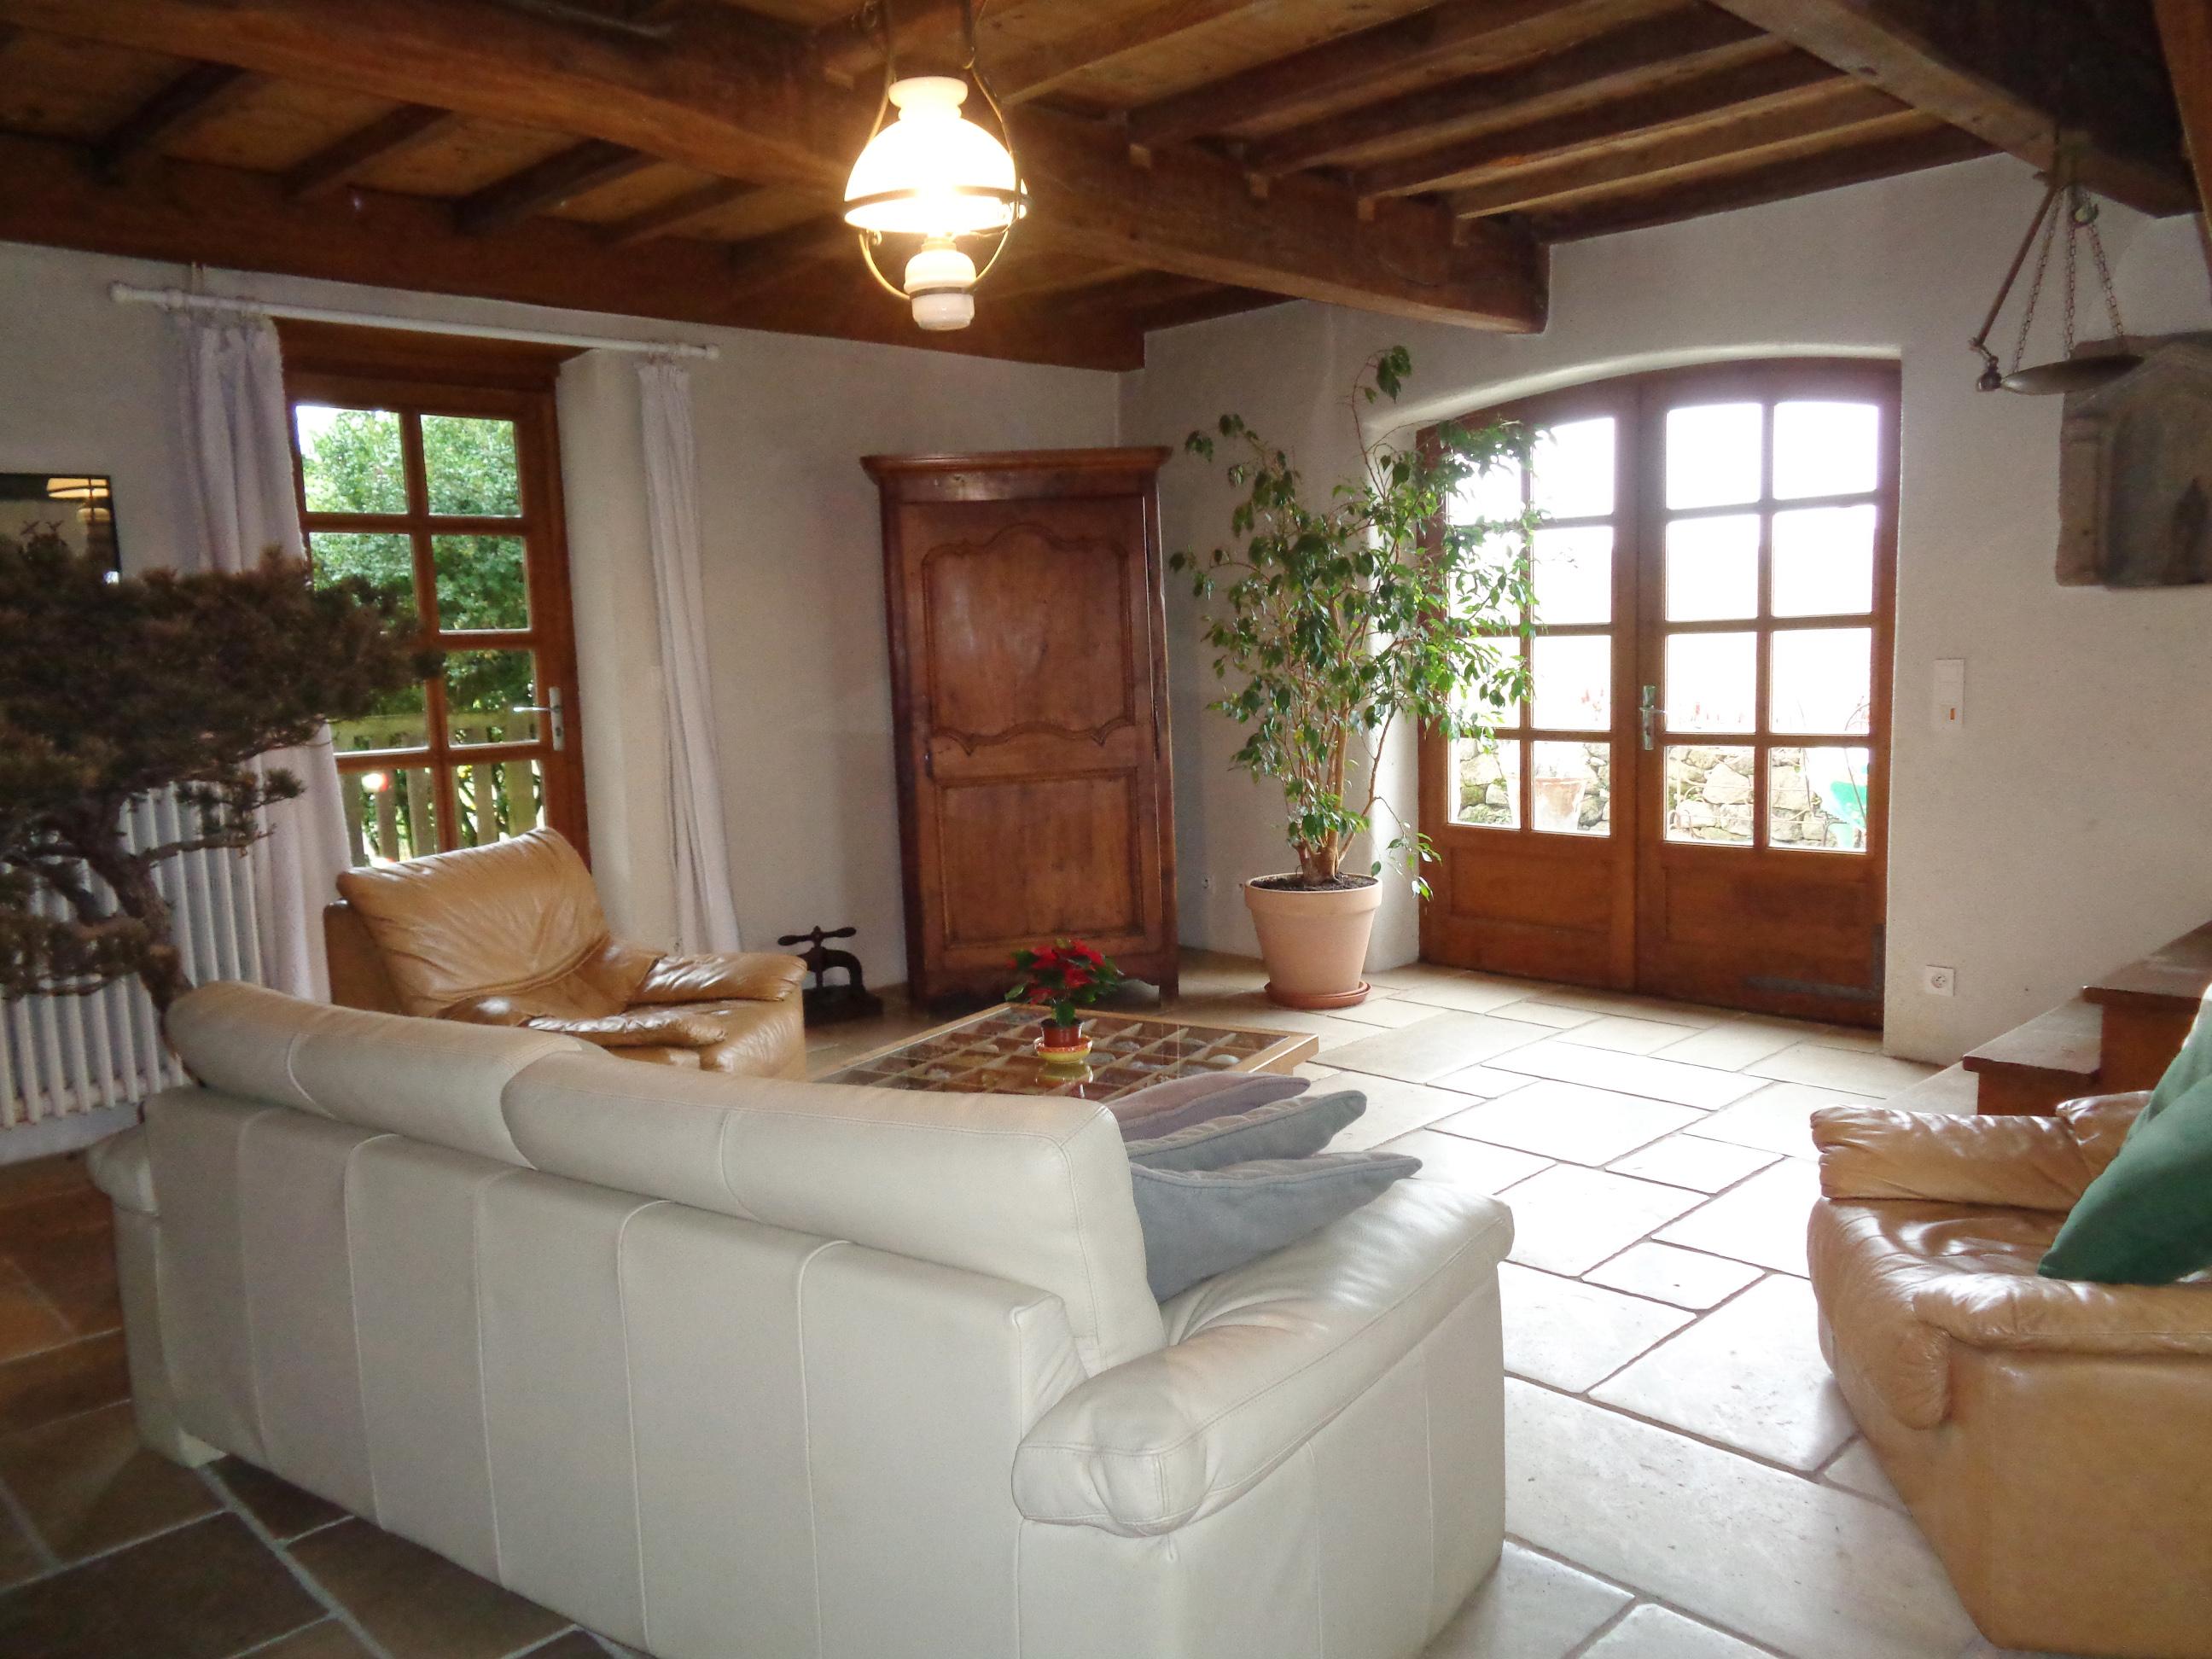 Le salon de ma maison de campagne - Canapé ancien et escalier en chêne menant aux chambres.